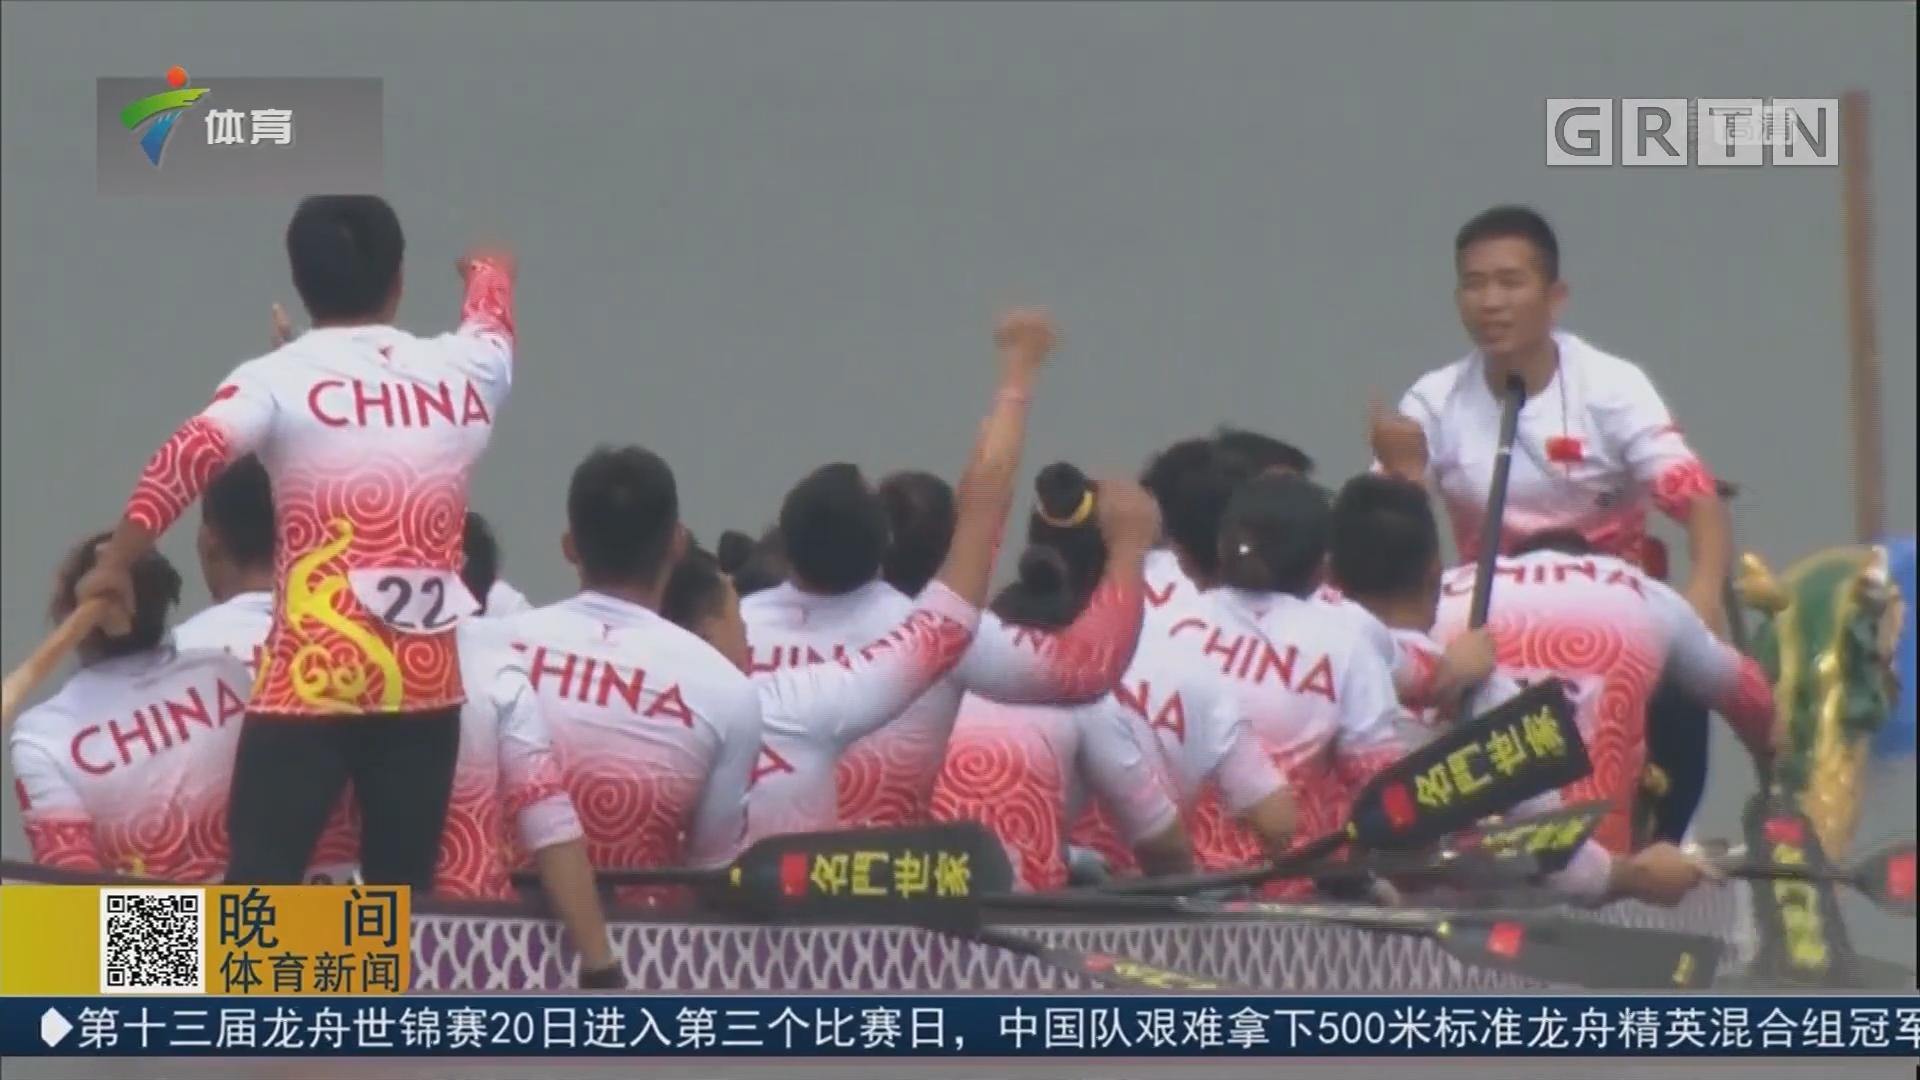 中国队获混合精英组1000米直道赛冠军